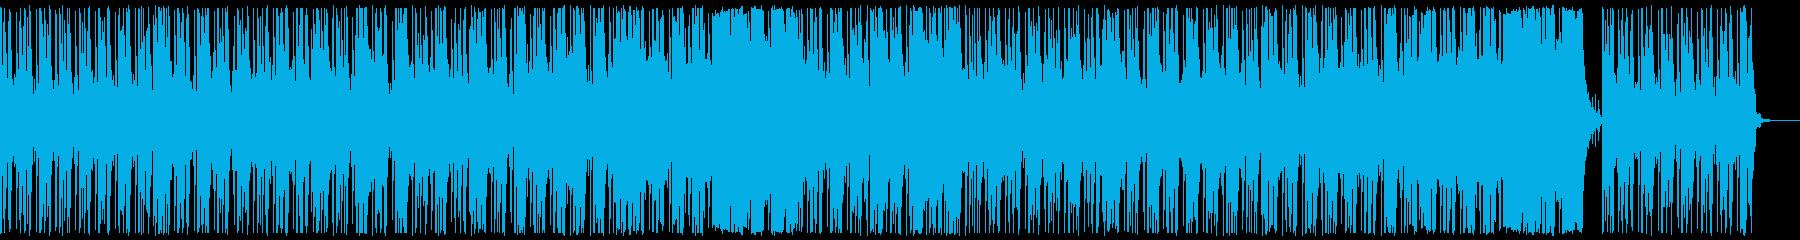 ゆったりとした浮遊感覚の再生済みの波形